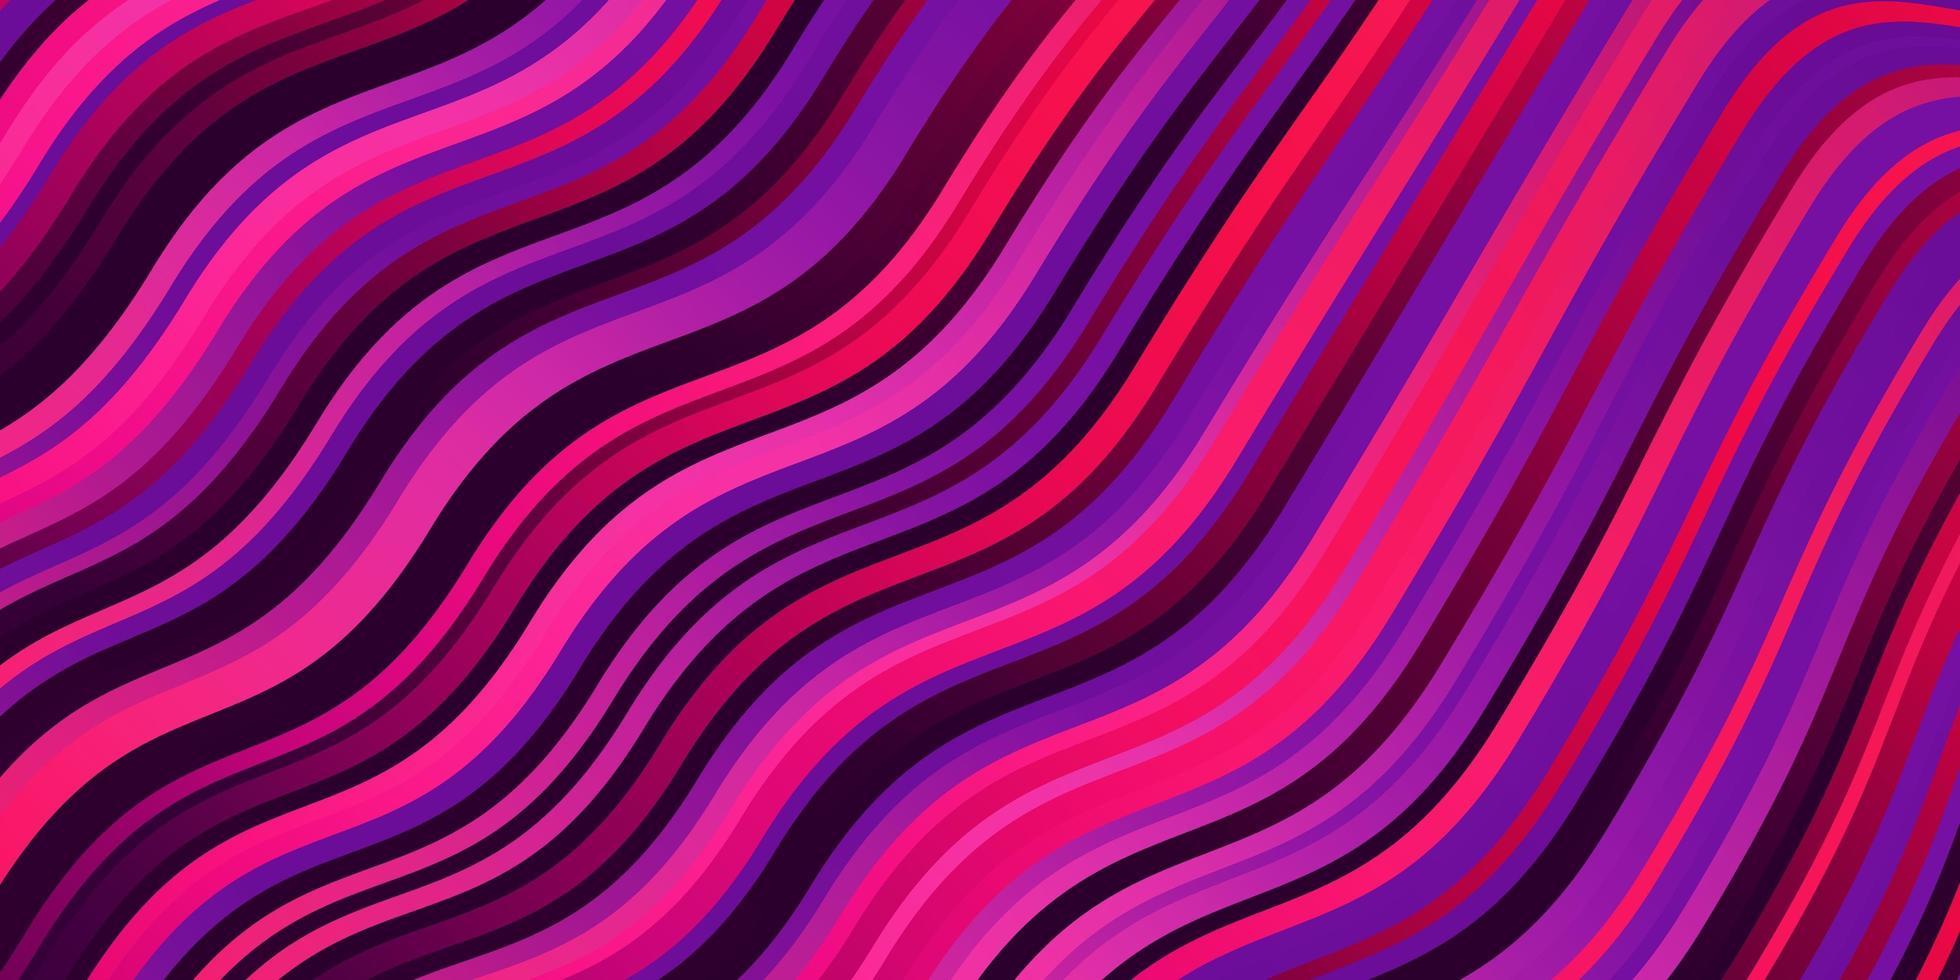 diseño vectorial de color rosa, violeta claro con arco circular. vector